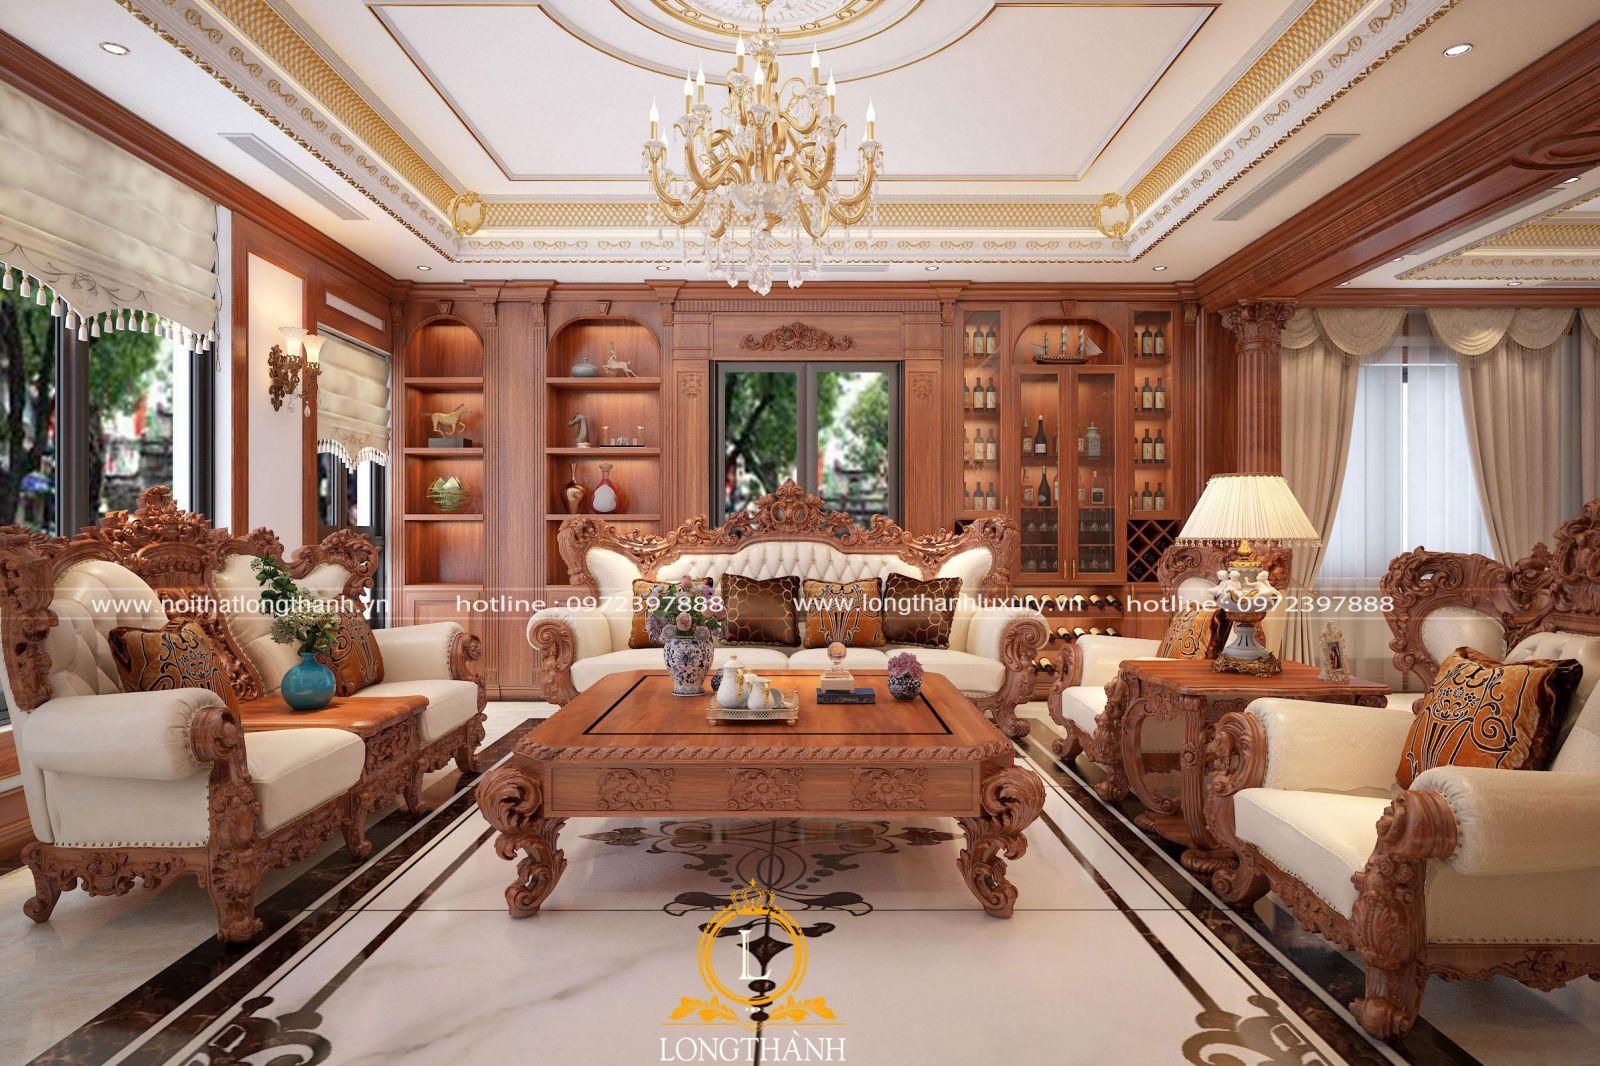 Không gian phòng khách biệt thự đẹp với nội thất gỗ tự nhiên